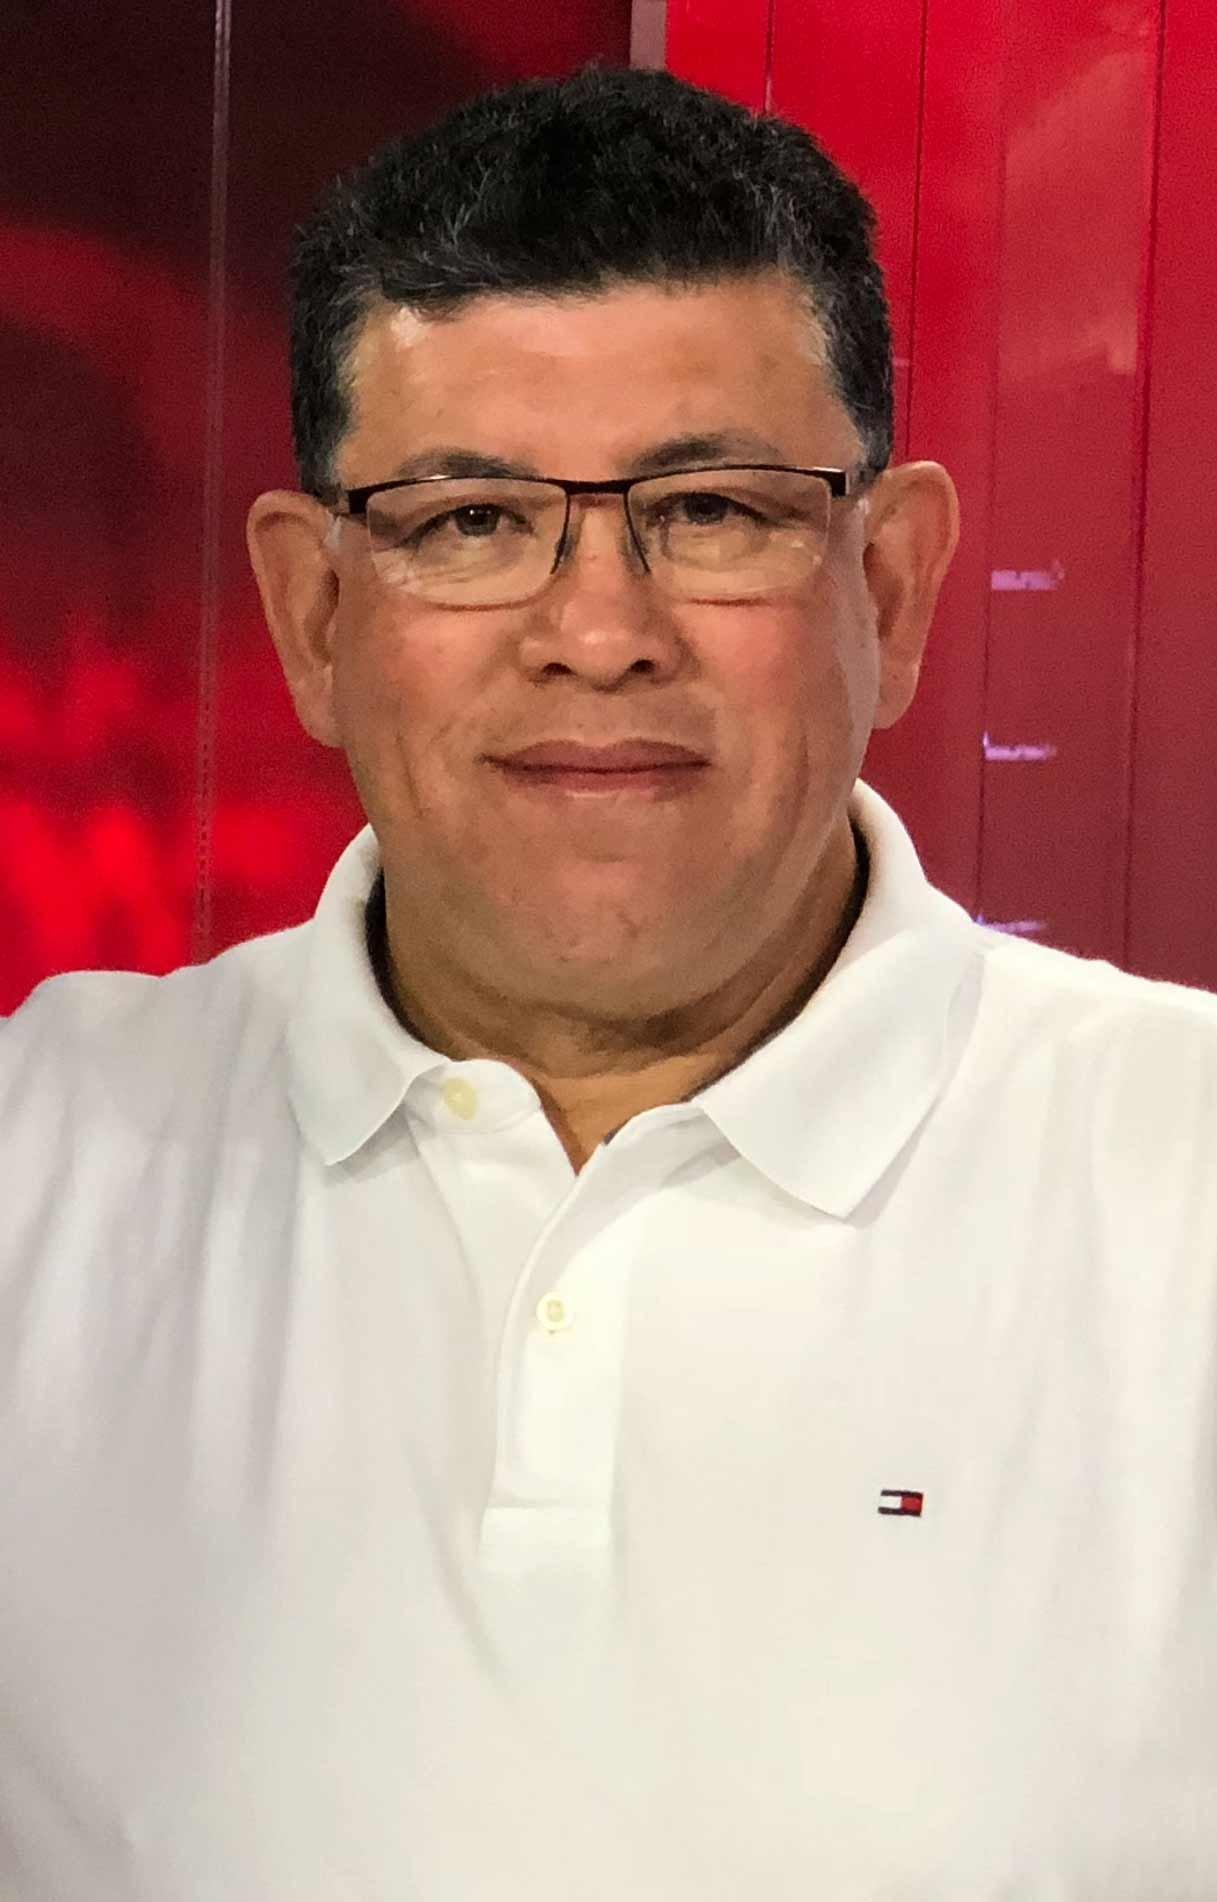 Gilbert Zermeno